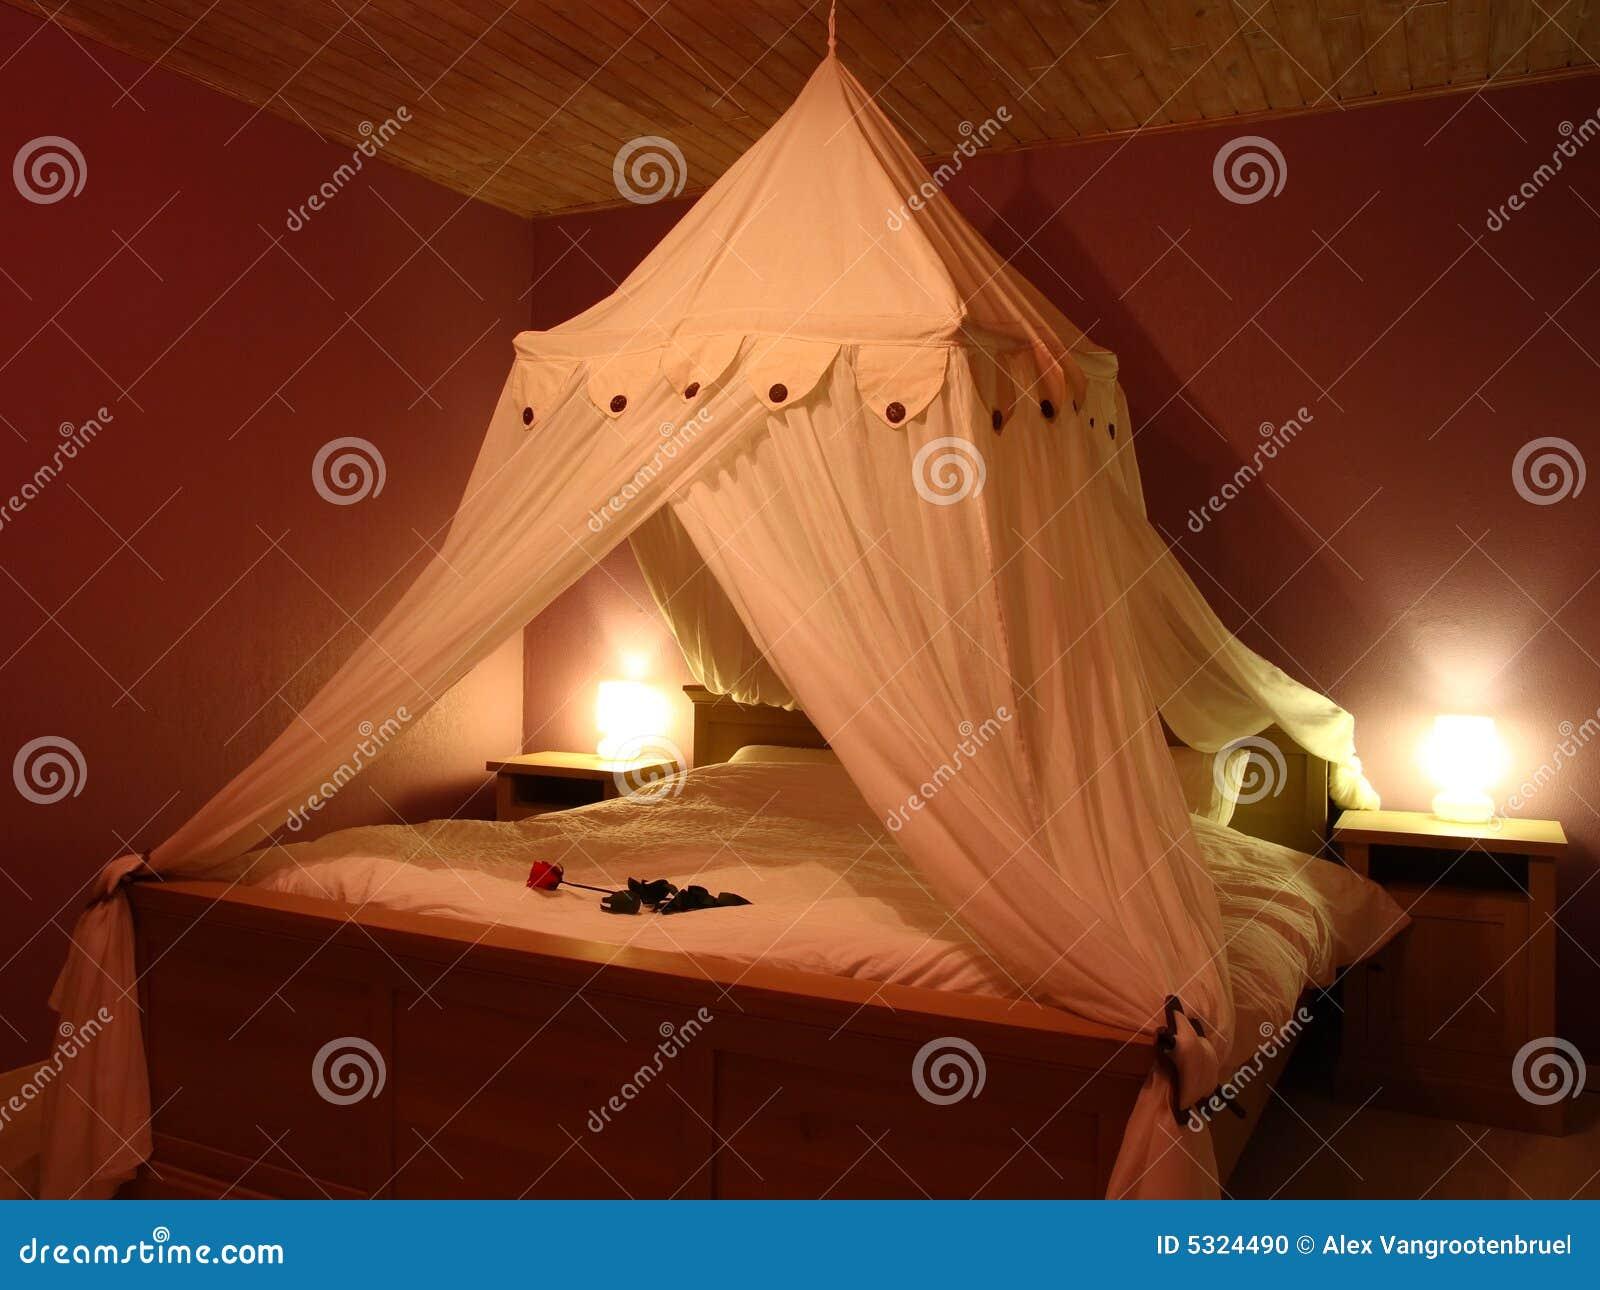 Chambre à Coucher Romantique Photo stock - Image du conception, bâti ...